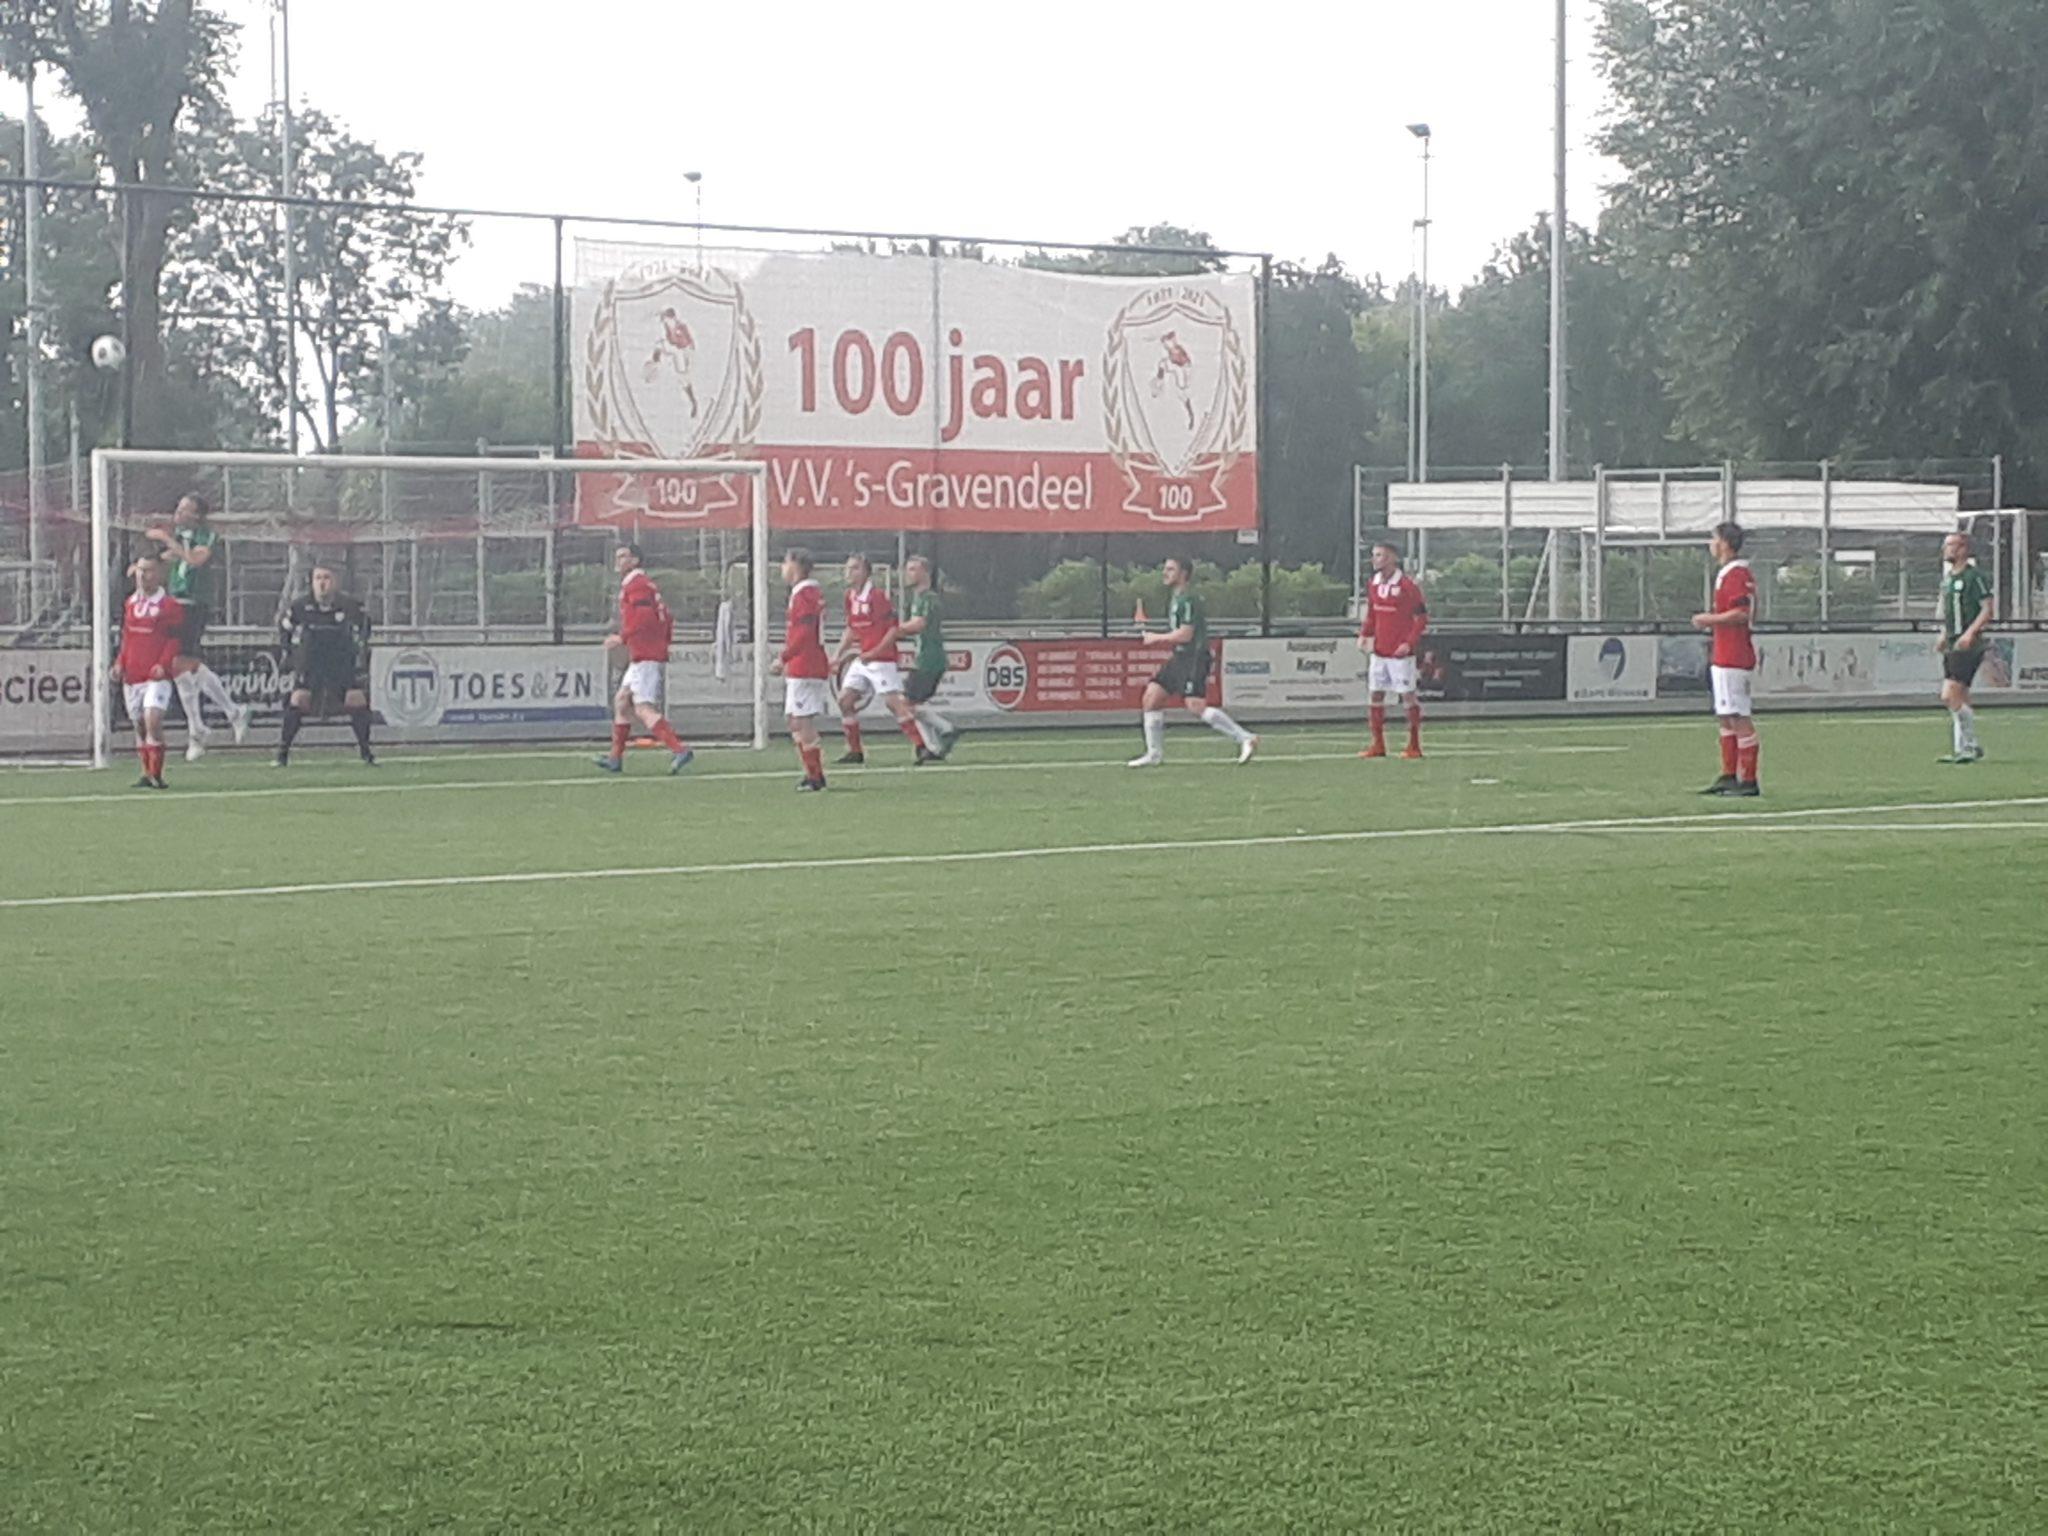 Tweede bekerwedstrijd tegen de 'Seuters' uit Hoeksche Waard.